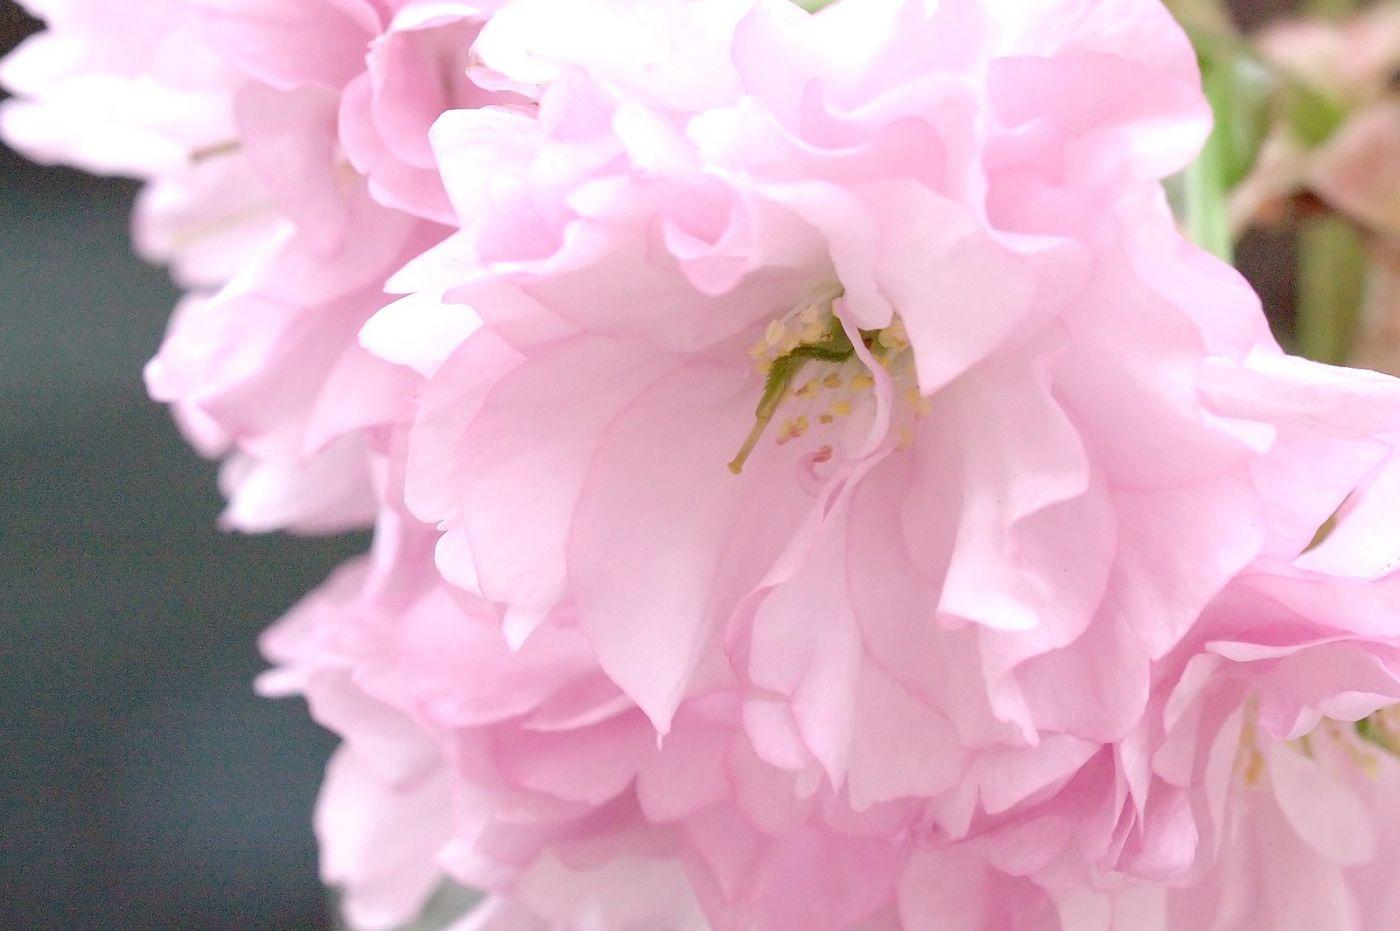 粉红的水嫩的,好看极了_图1-26